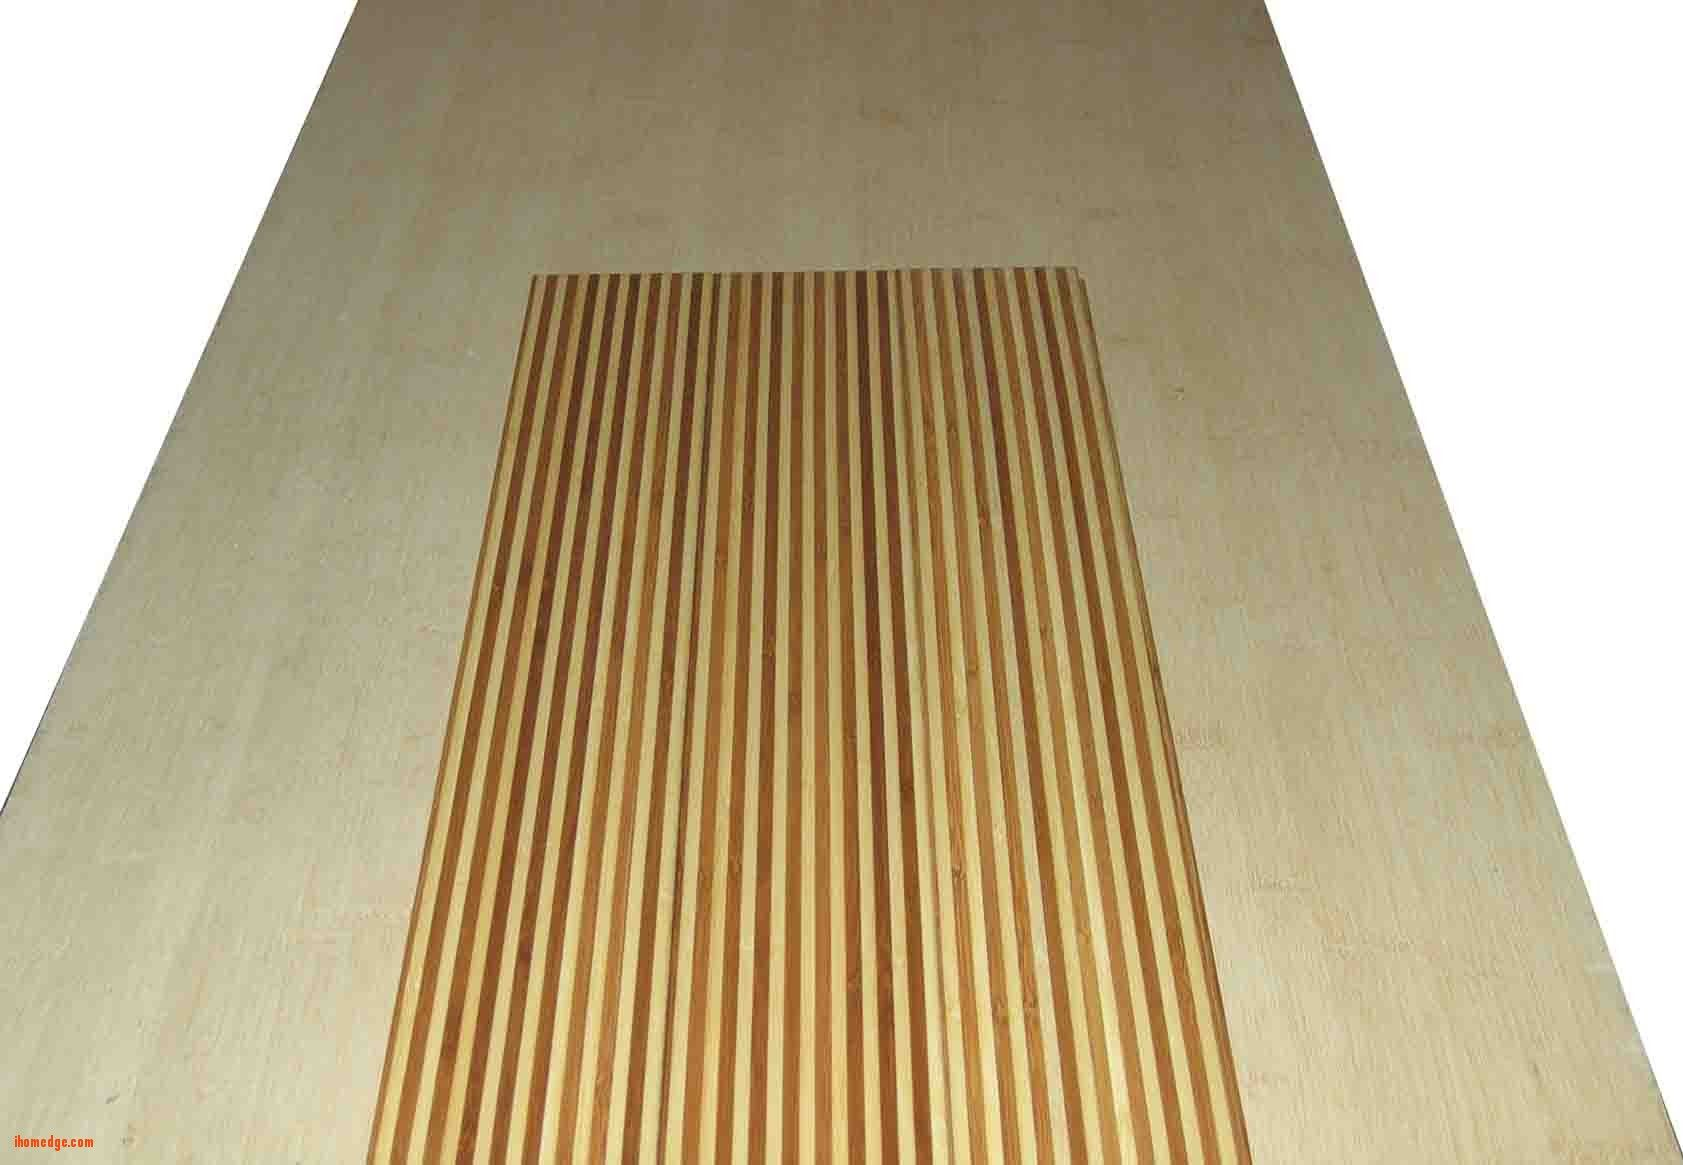 Nice Elegant Solid Bamboo Flooring Unique Bamboo Flooring With China Bamboo Flooring China Flooring Http With Images Bamboo Flooring Bamboo Hardwood Flooring Flooring